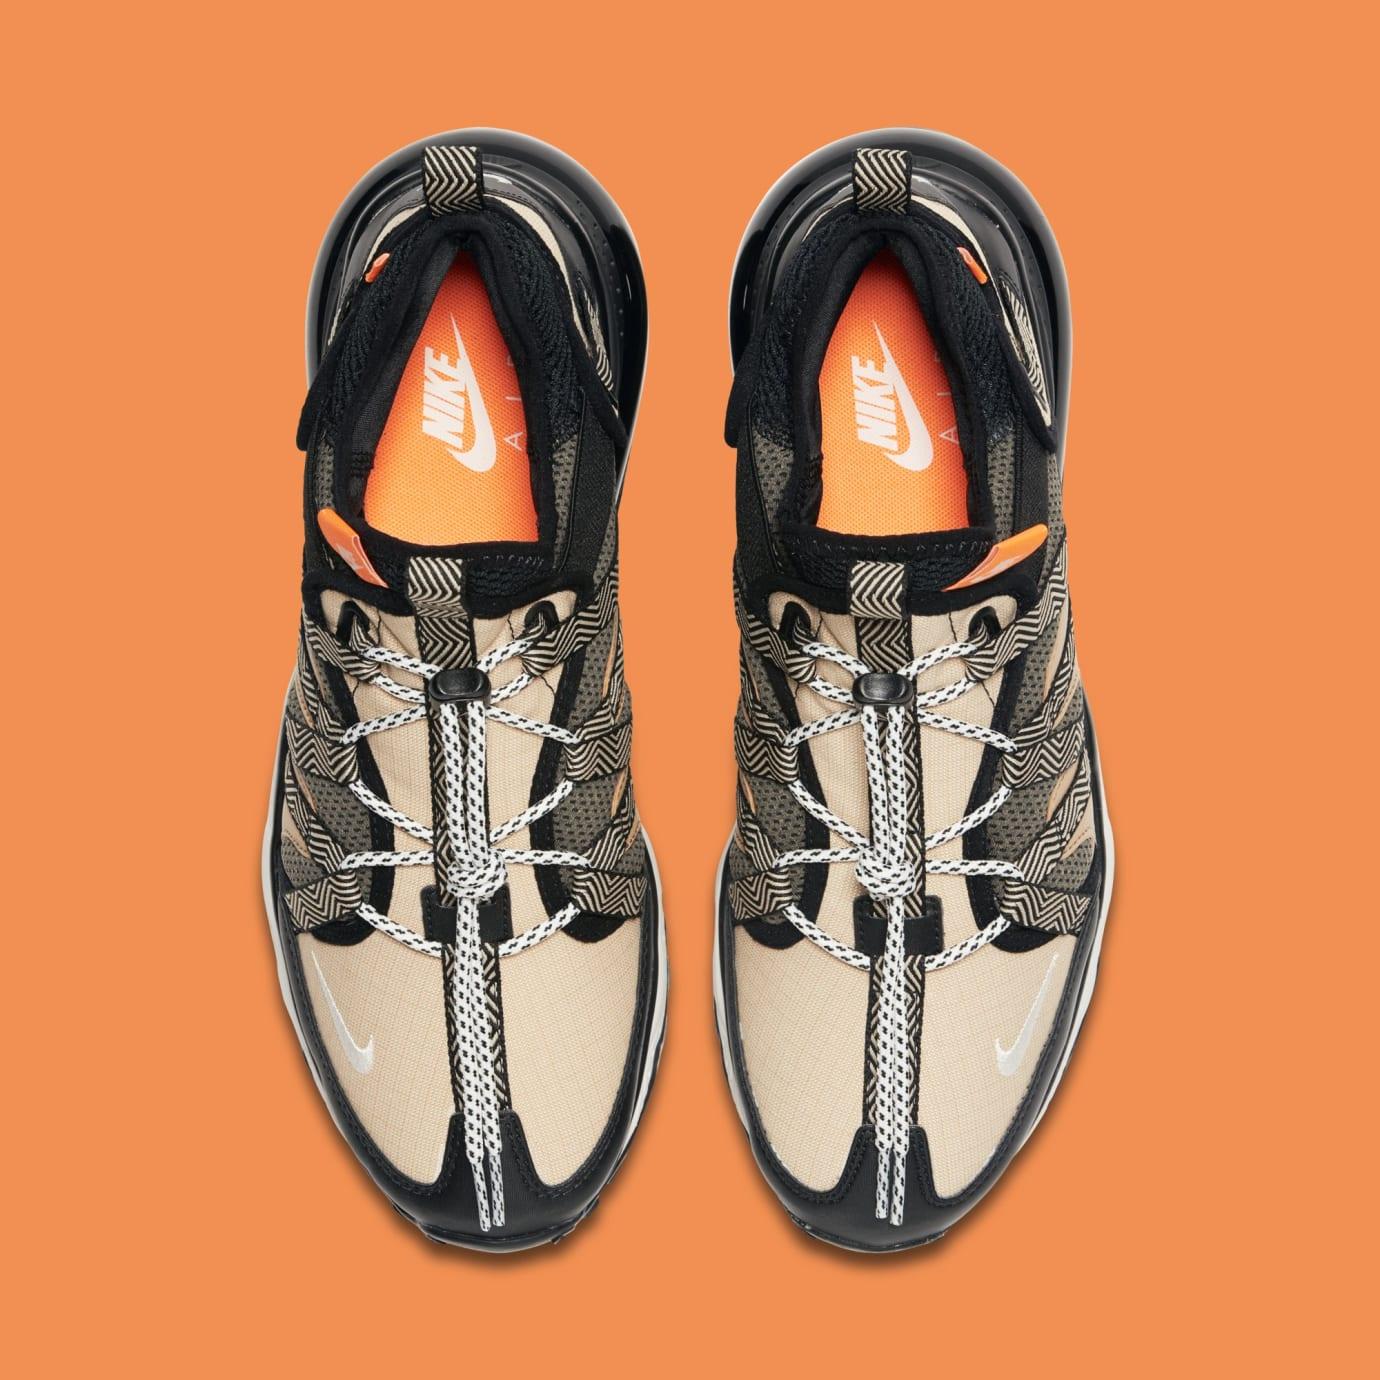 info for bca29 81f51 Nike Air Max 270 Bowfin AJ7200-001 AJ7200-002 Release Date ...